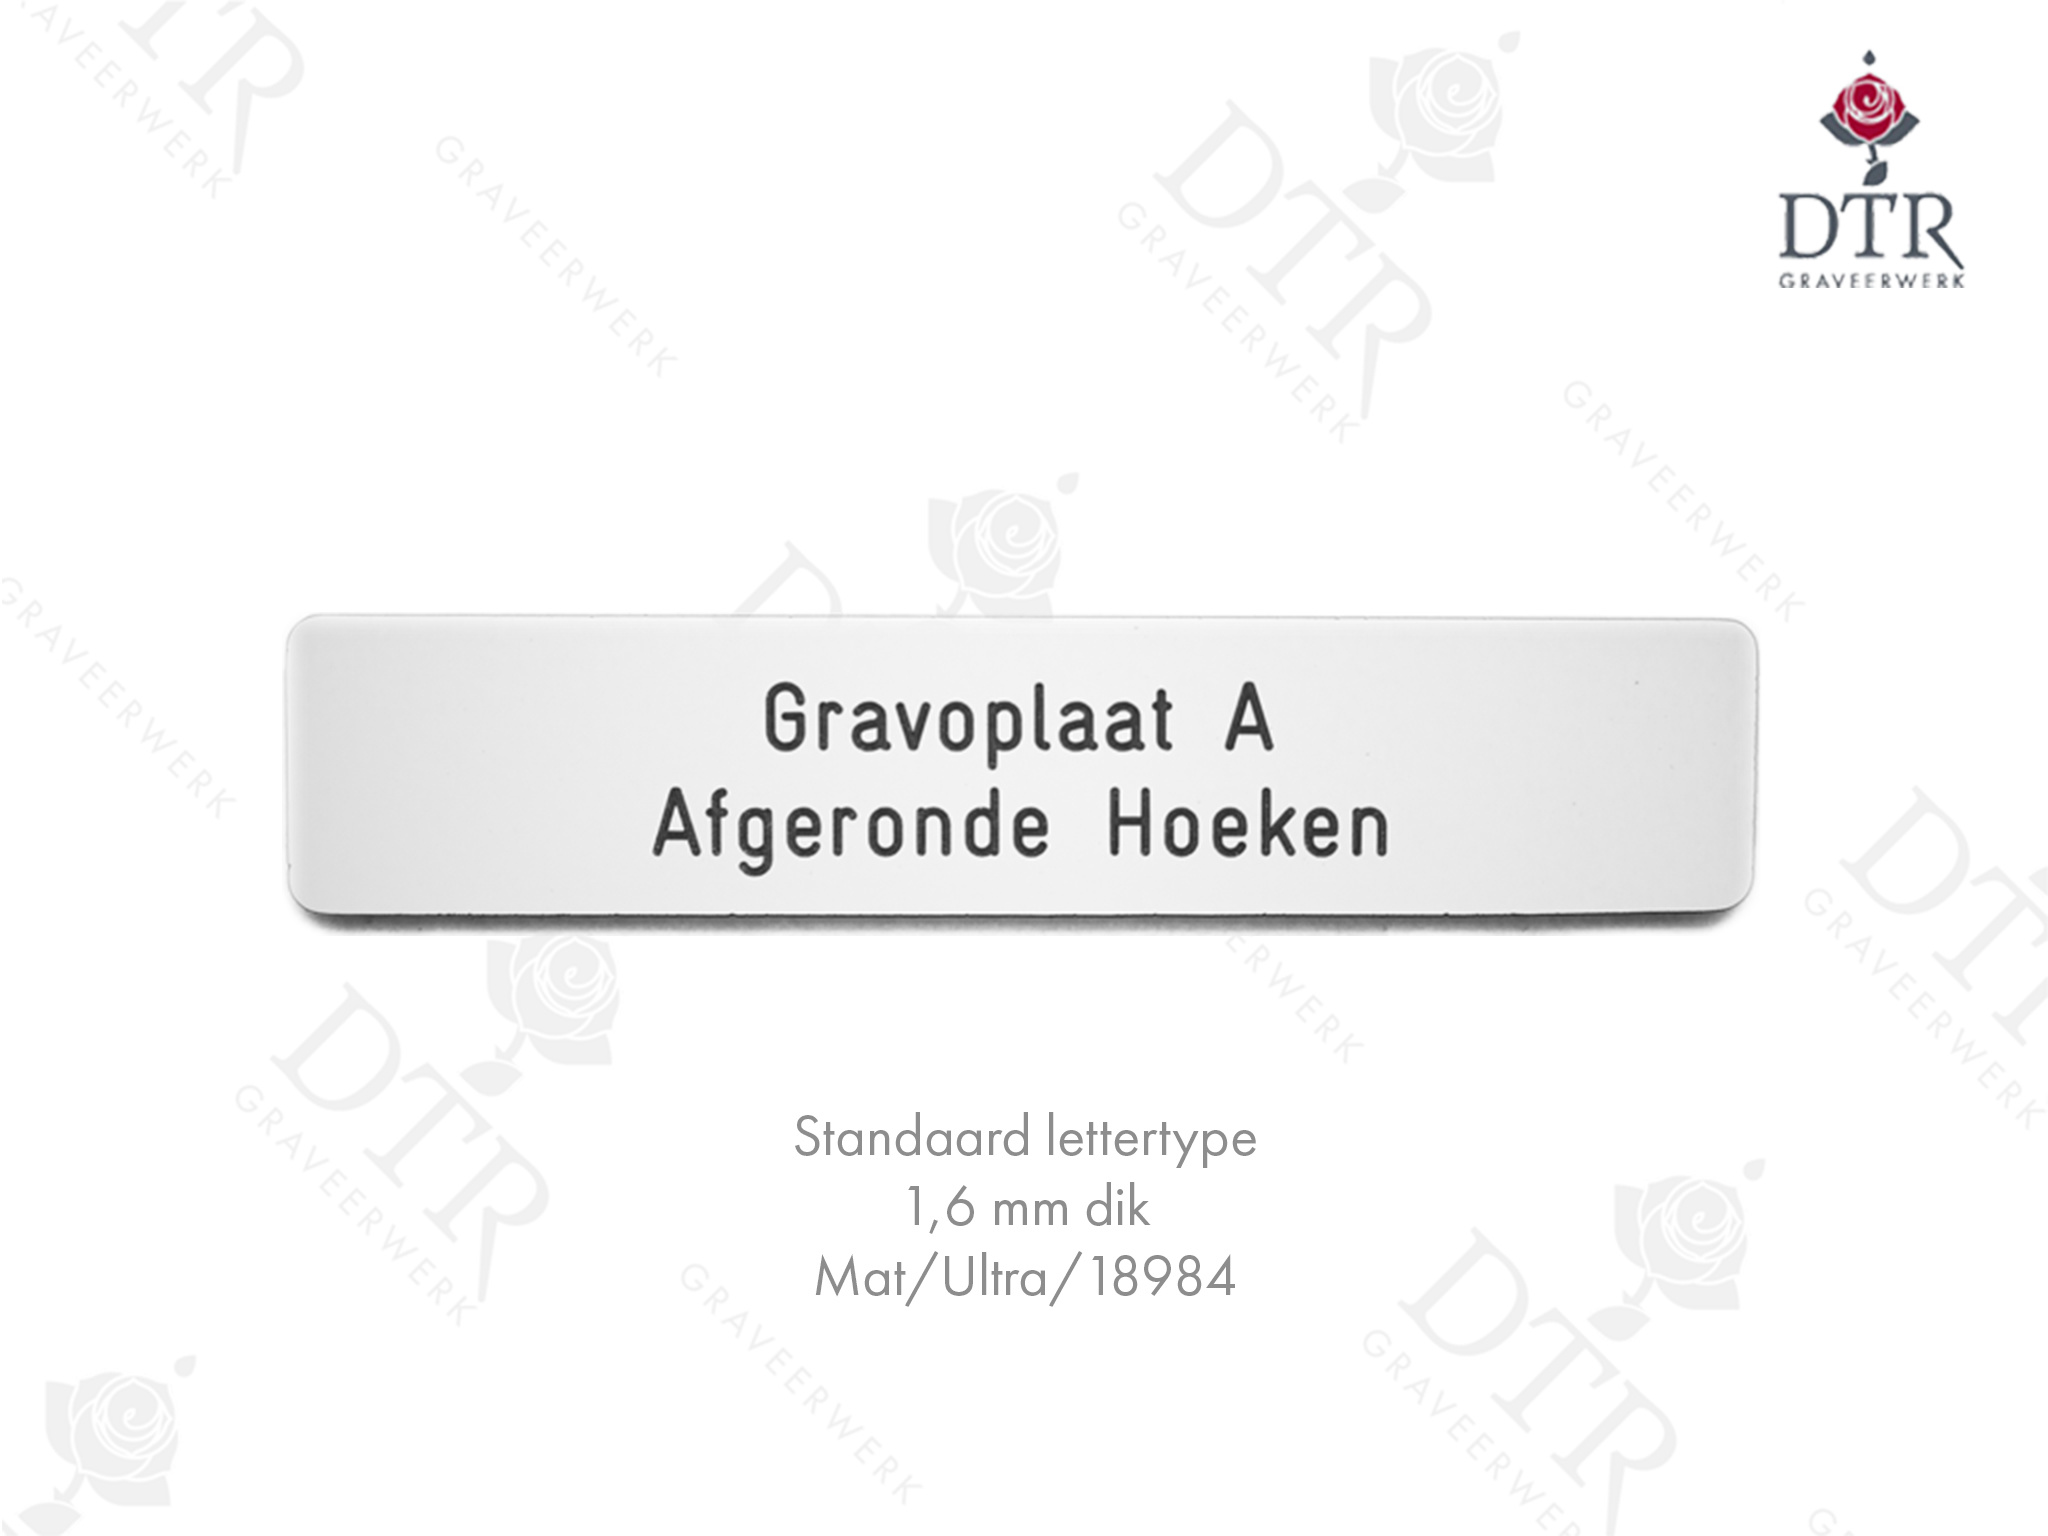 Grotestraat / Smidstraat / Zwaanstraat1/199